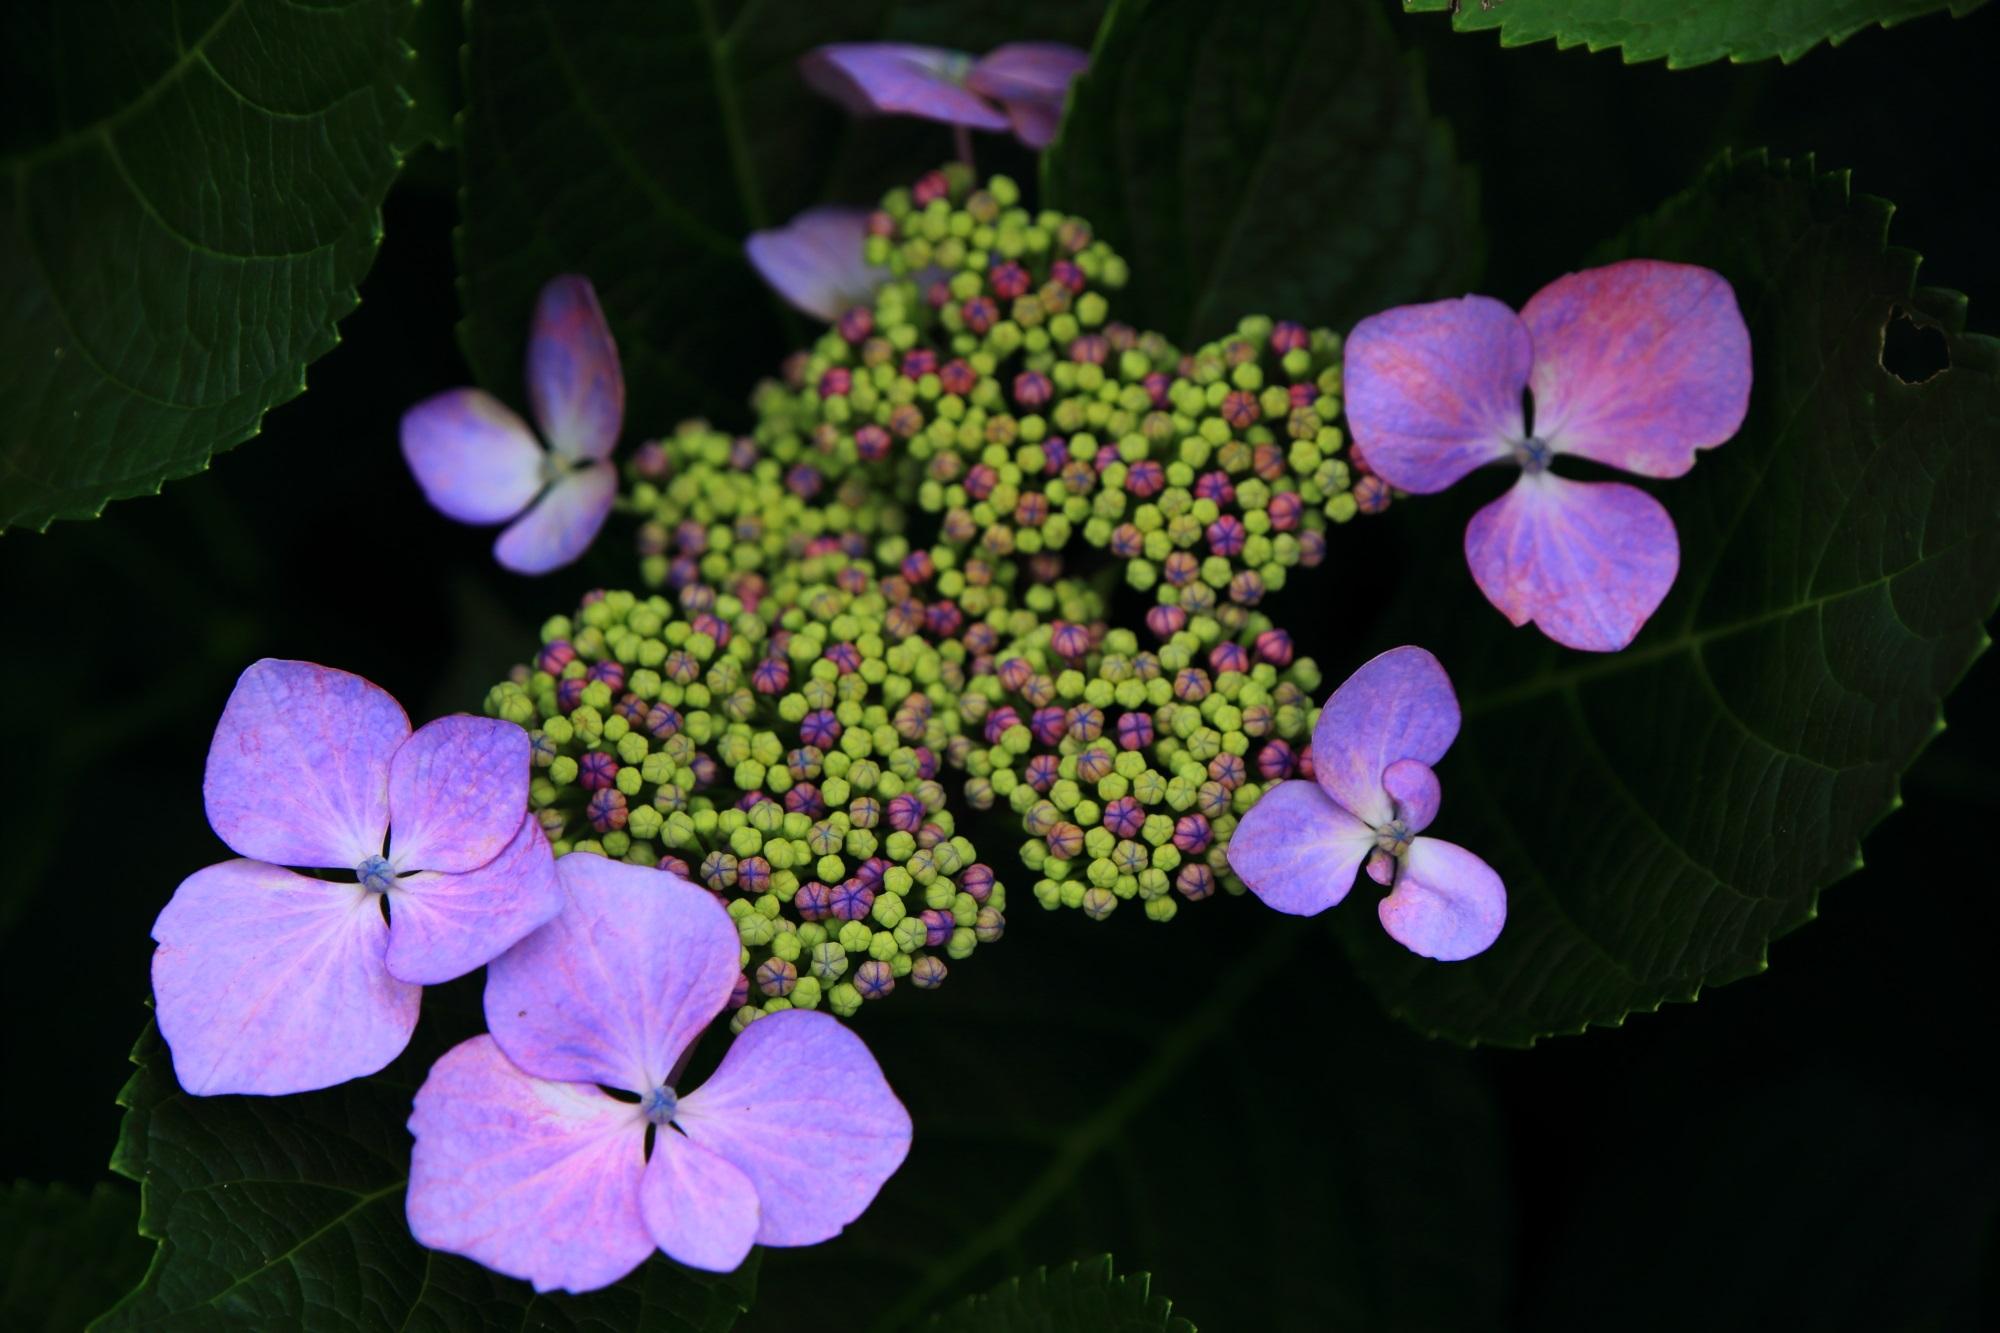 紫の花びらをいっぱいに広げる三室戸寺の額紫陽花